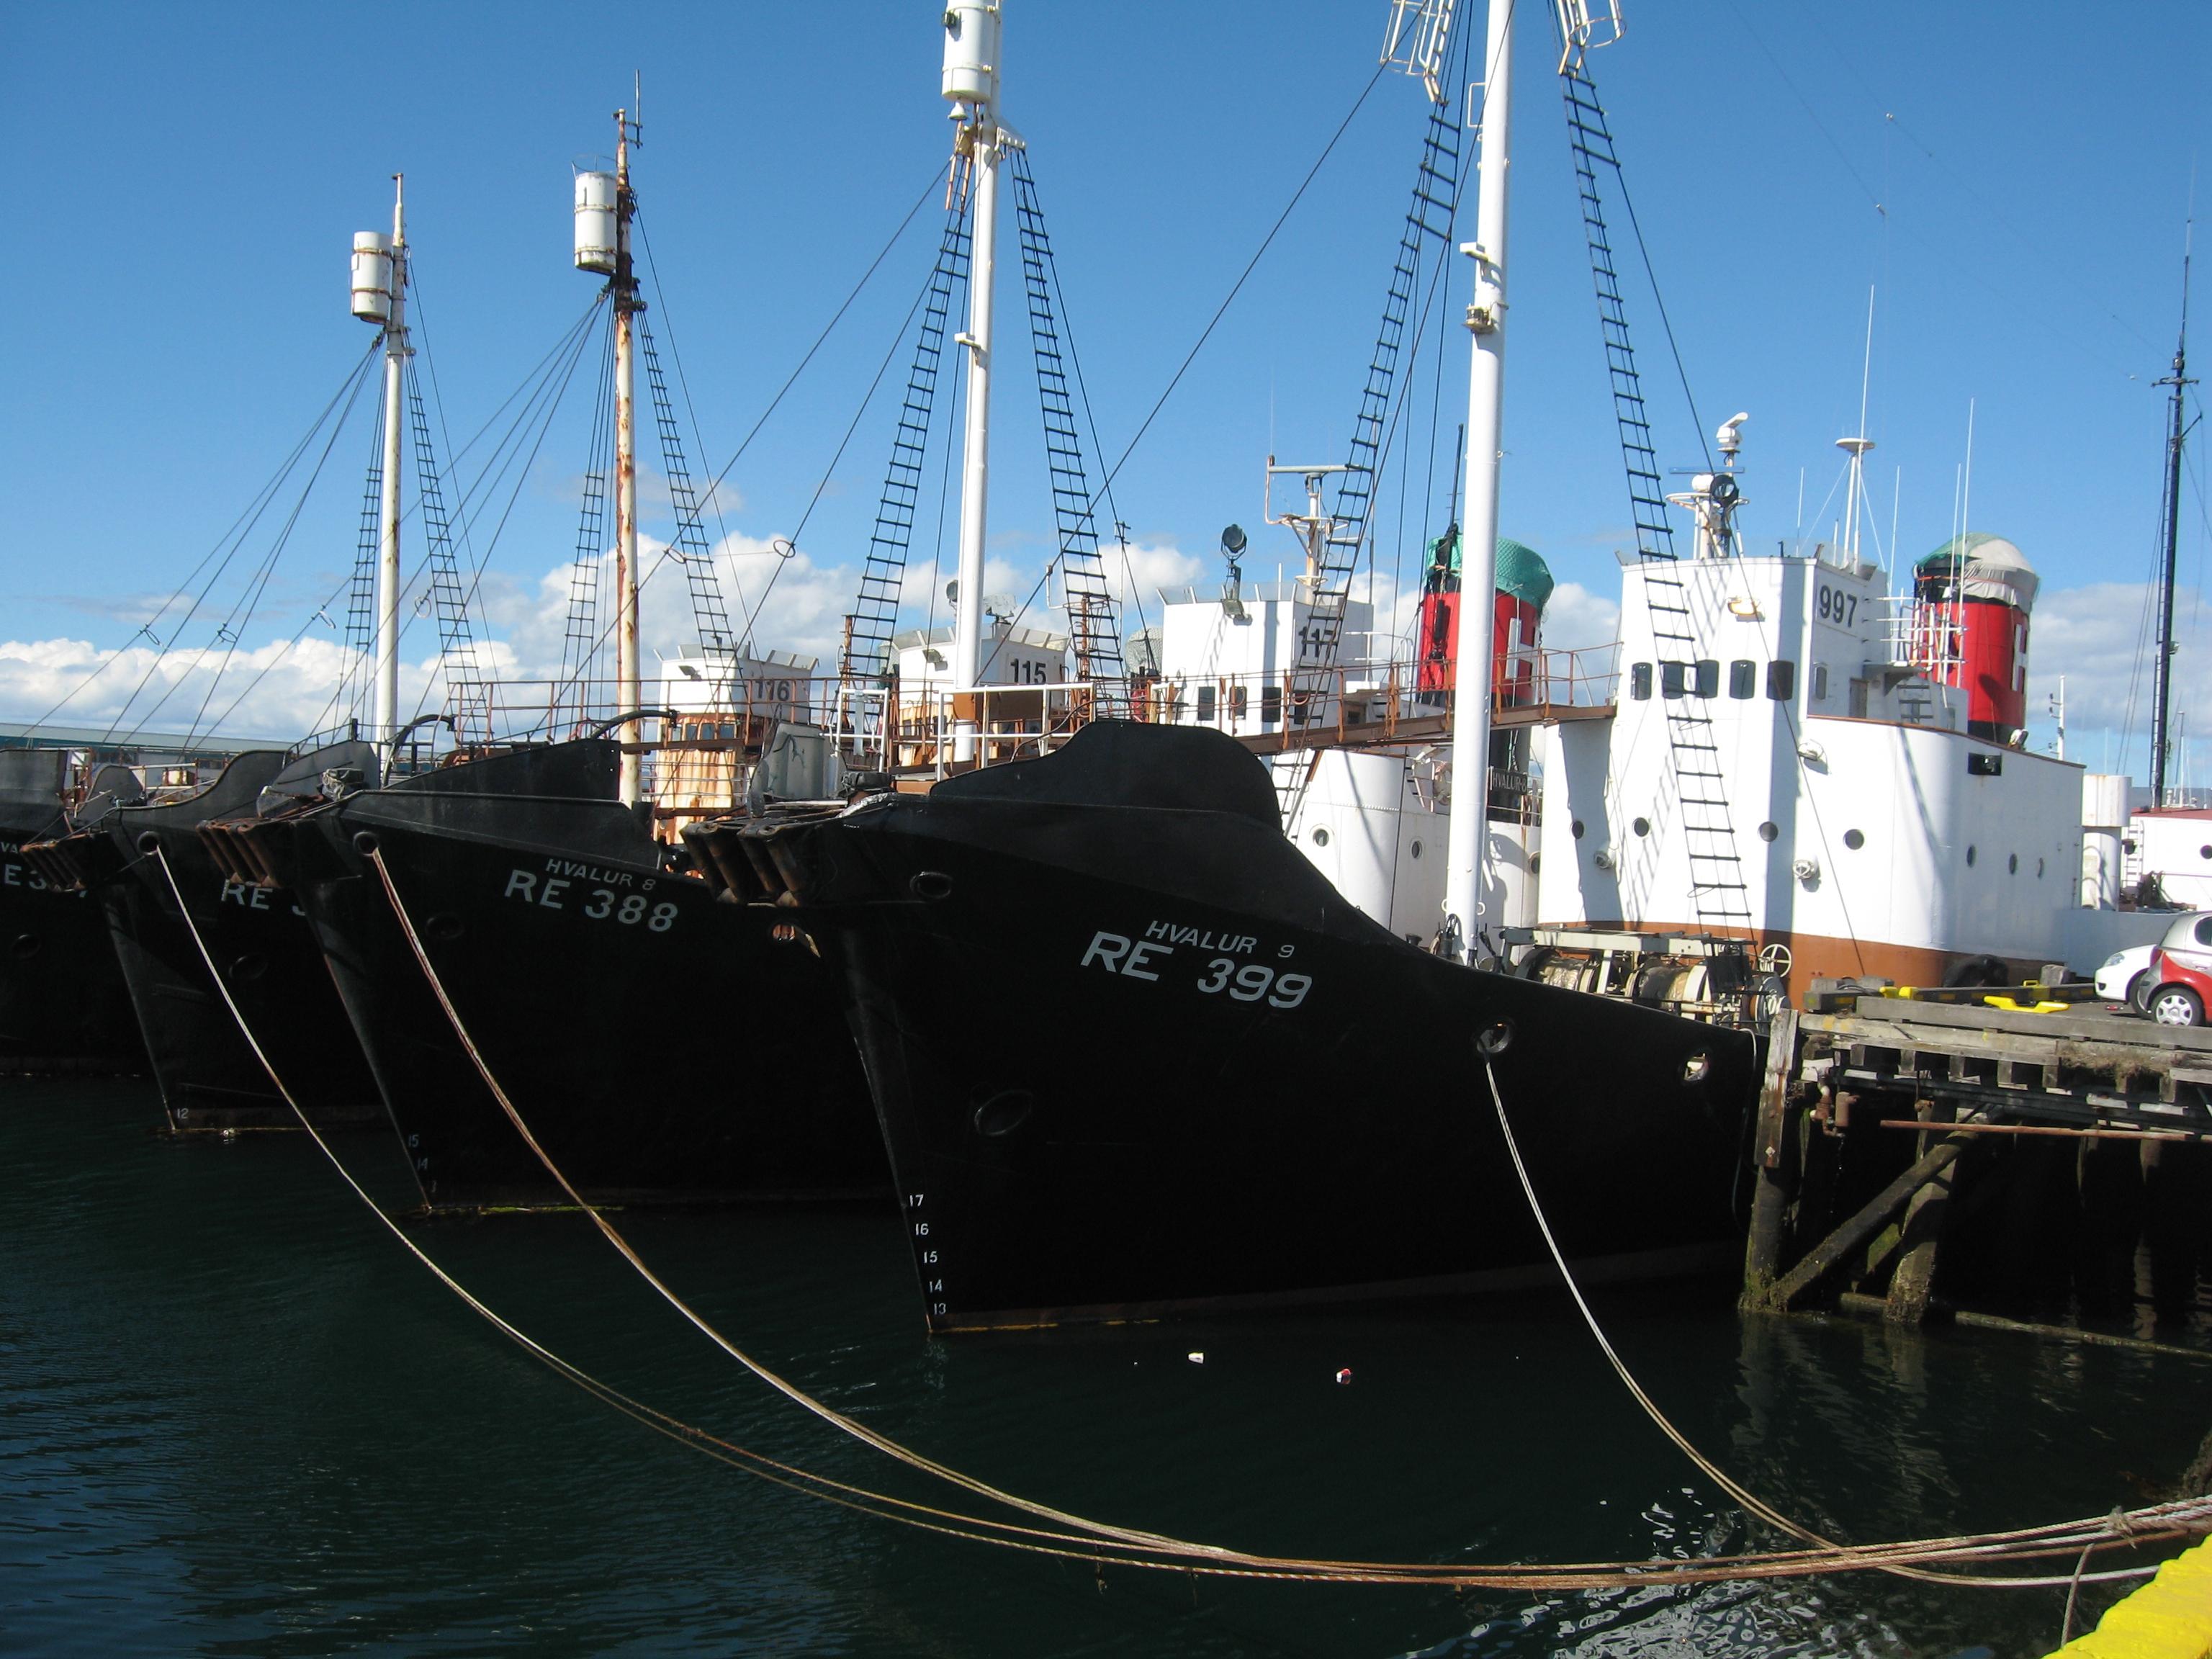 Icelandic_whalers_08